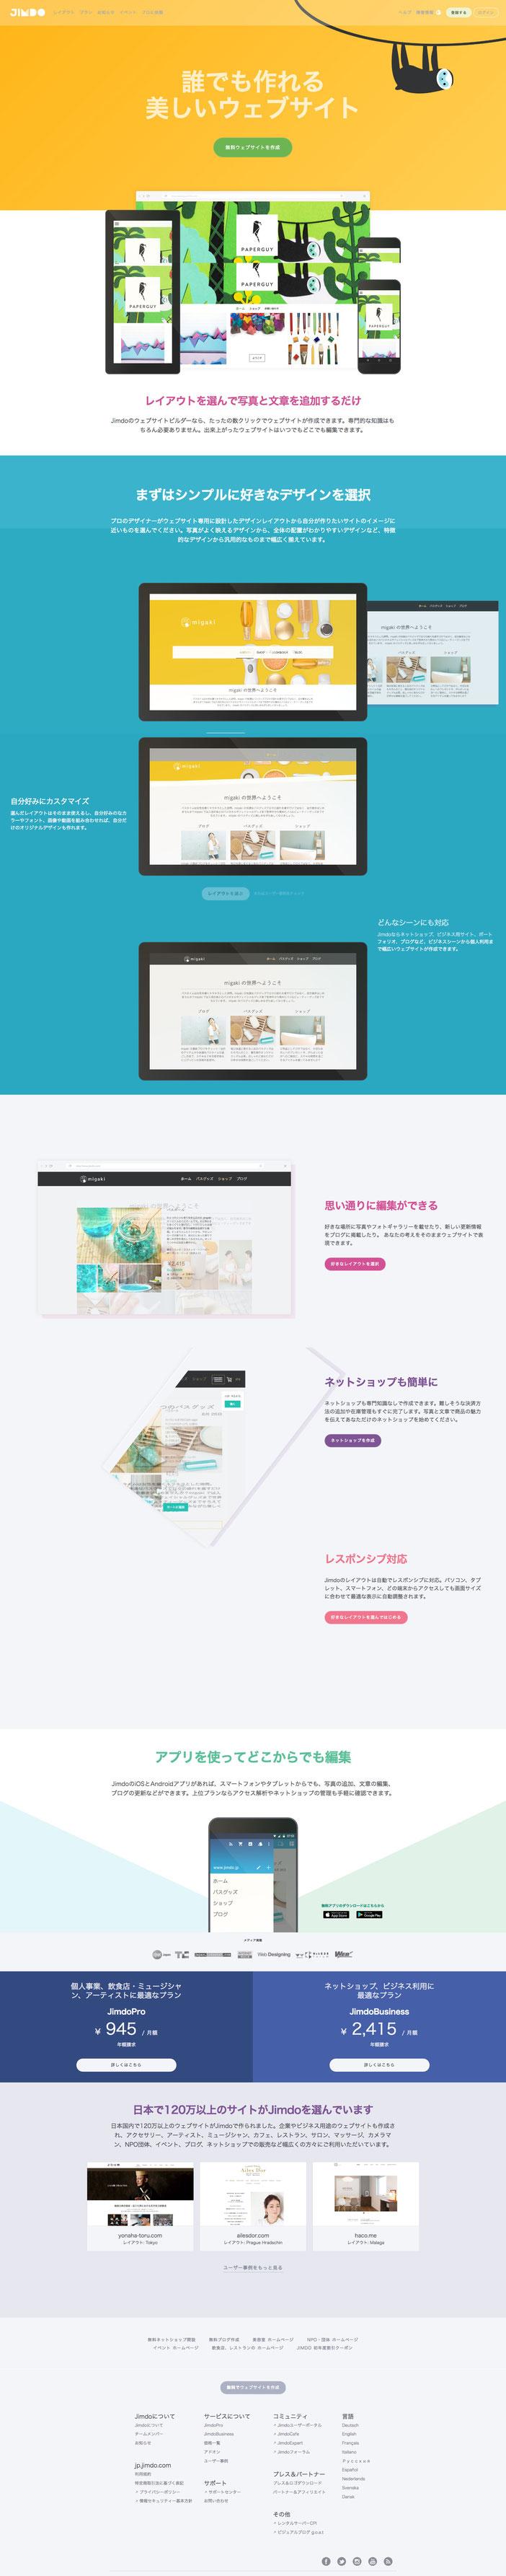 リニューアルされたJimdoJapanの公式サイト(Japan)